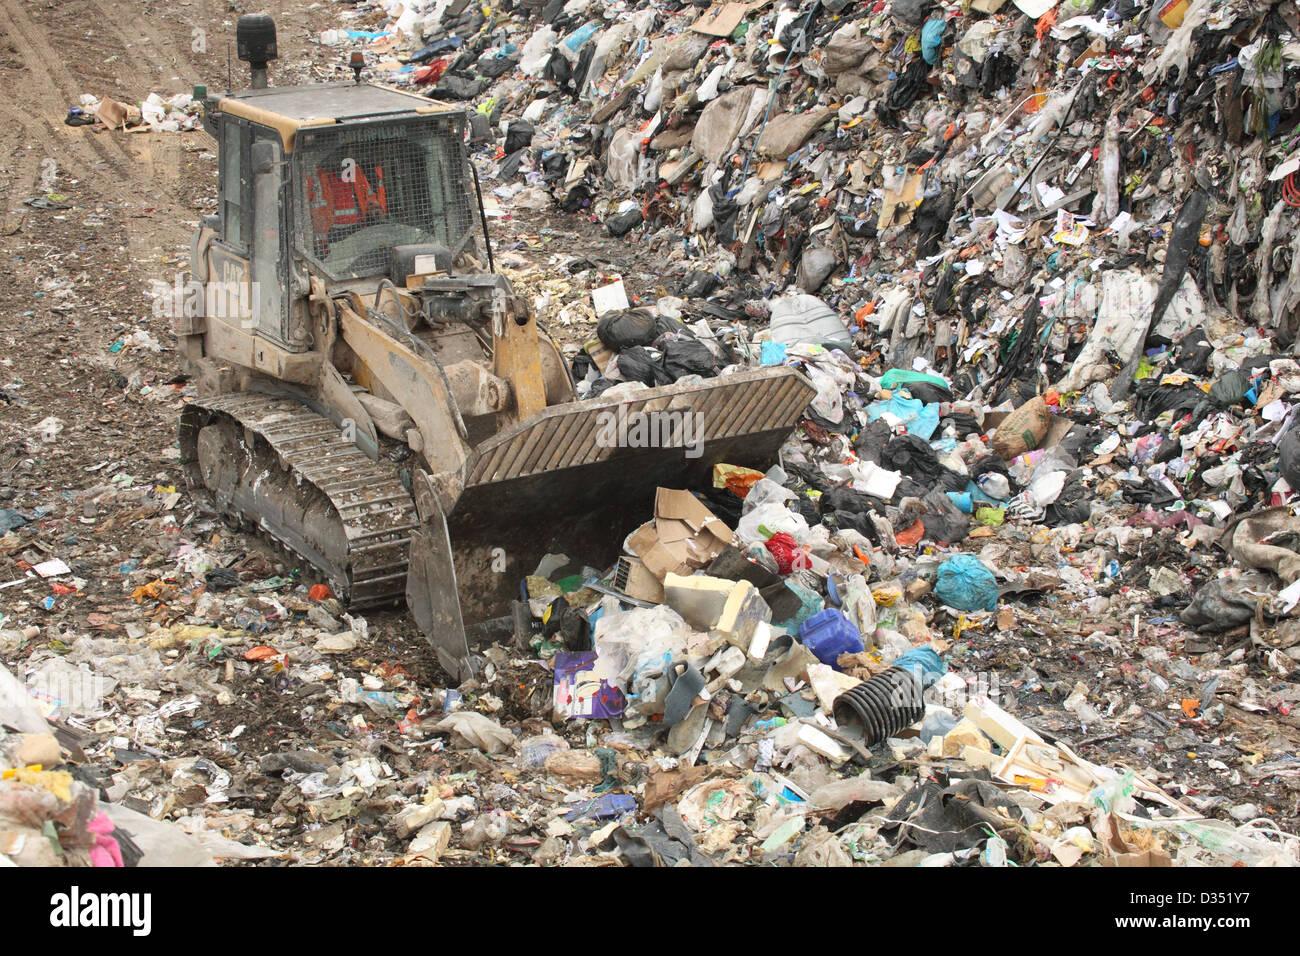 Bulldozer on landfill, Dorset UK Febuary - Stock Image